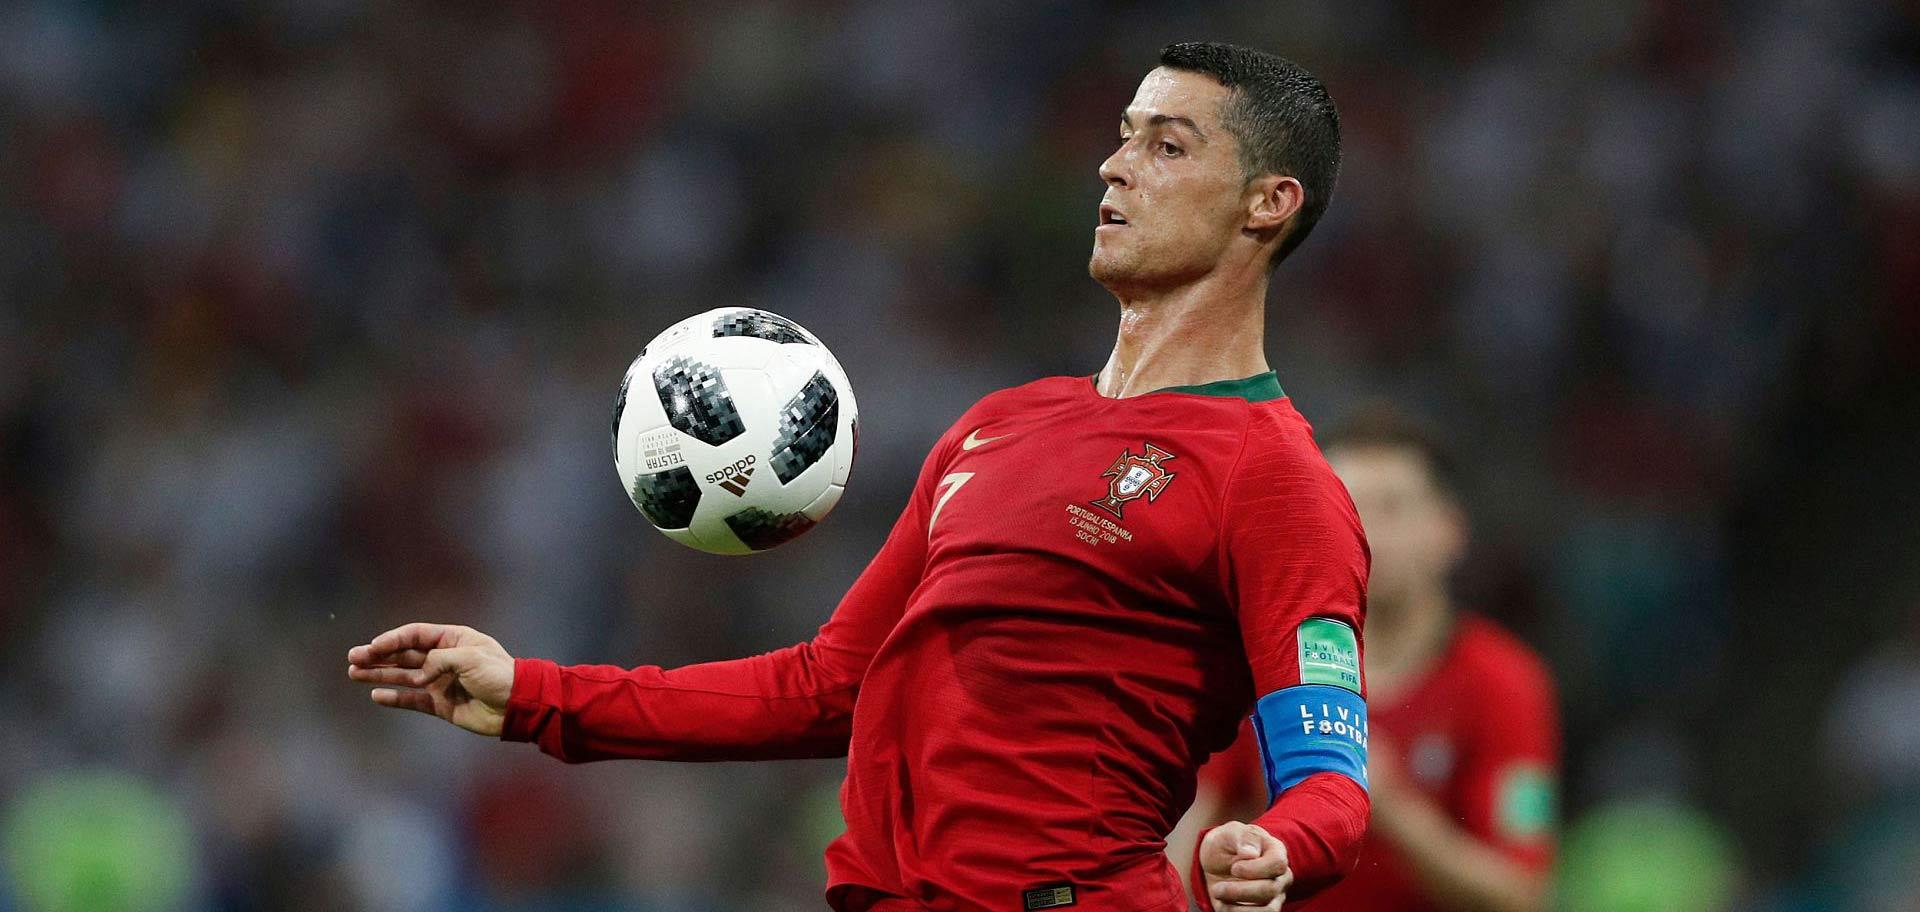 2018俄罗斯世界杯直播_央视视频直播_2018世